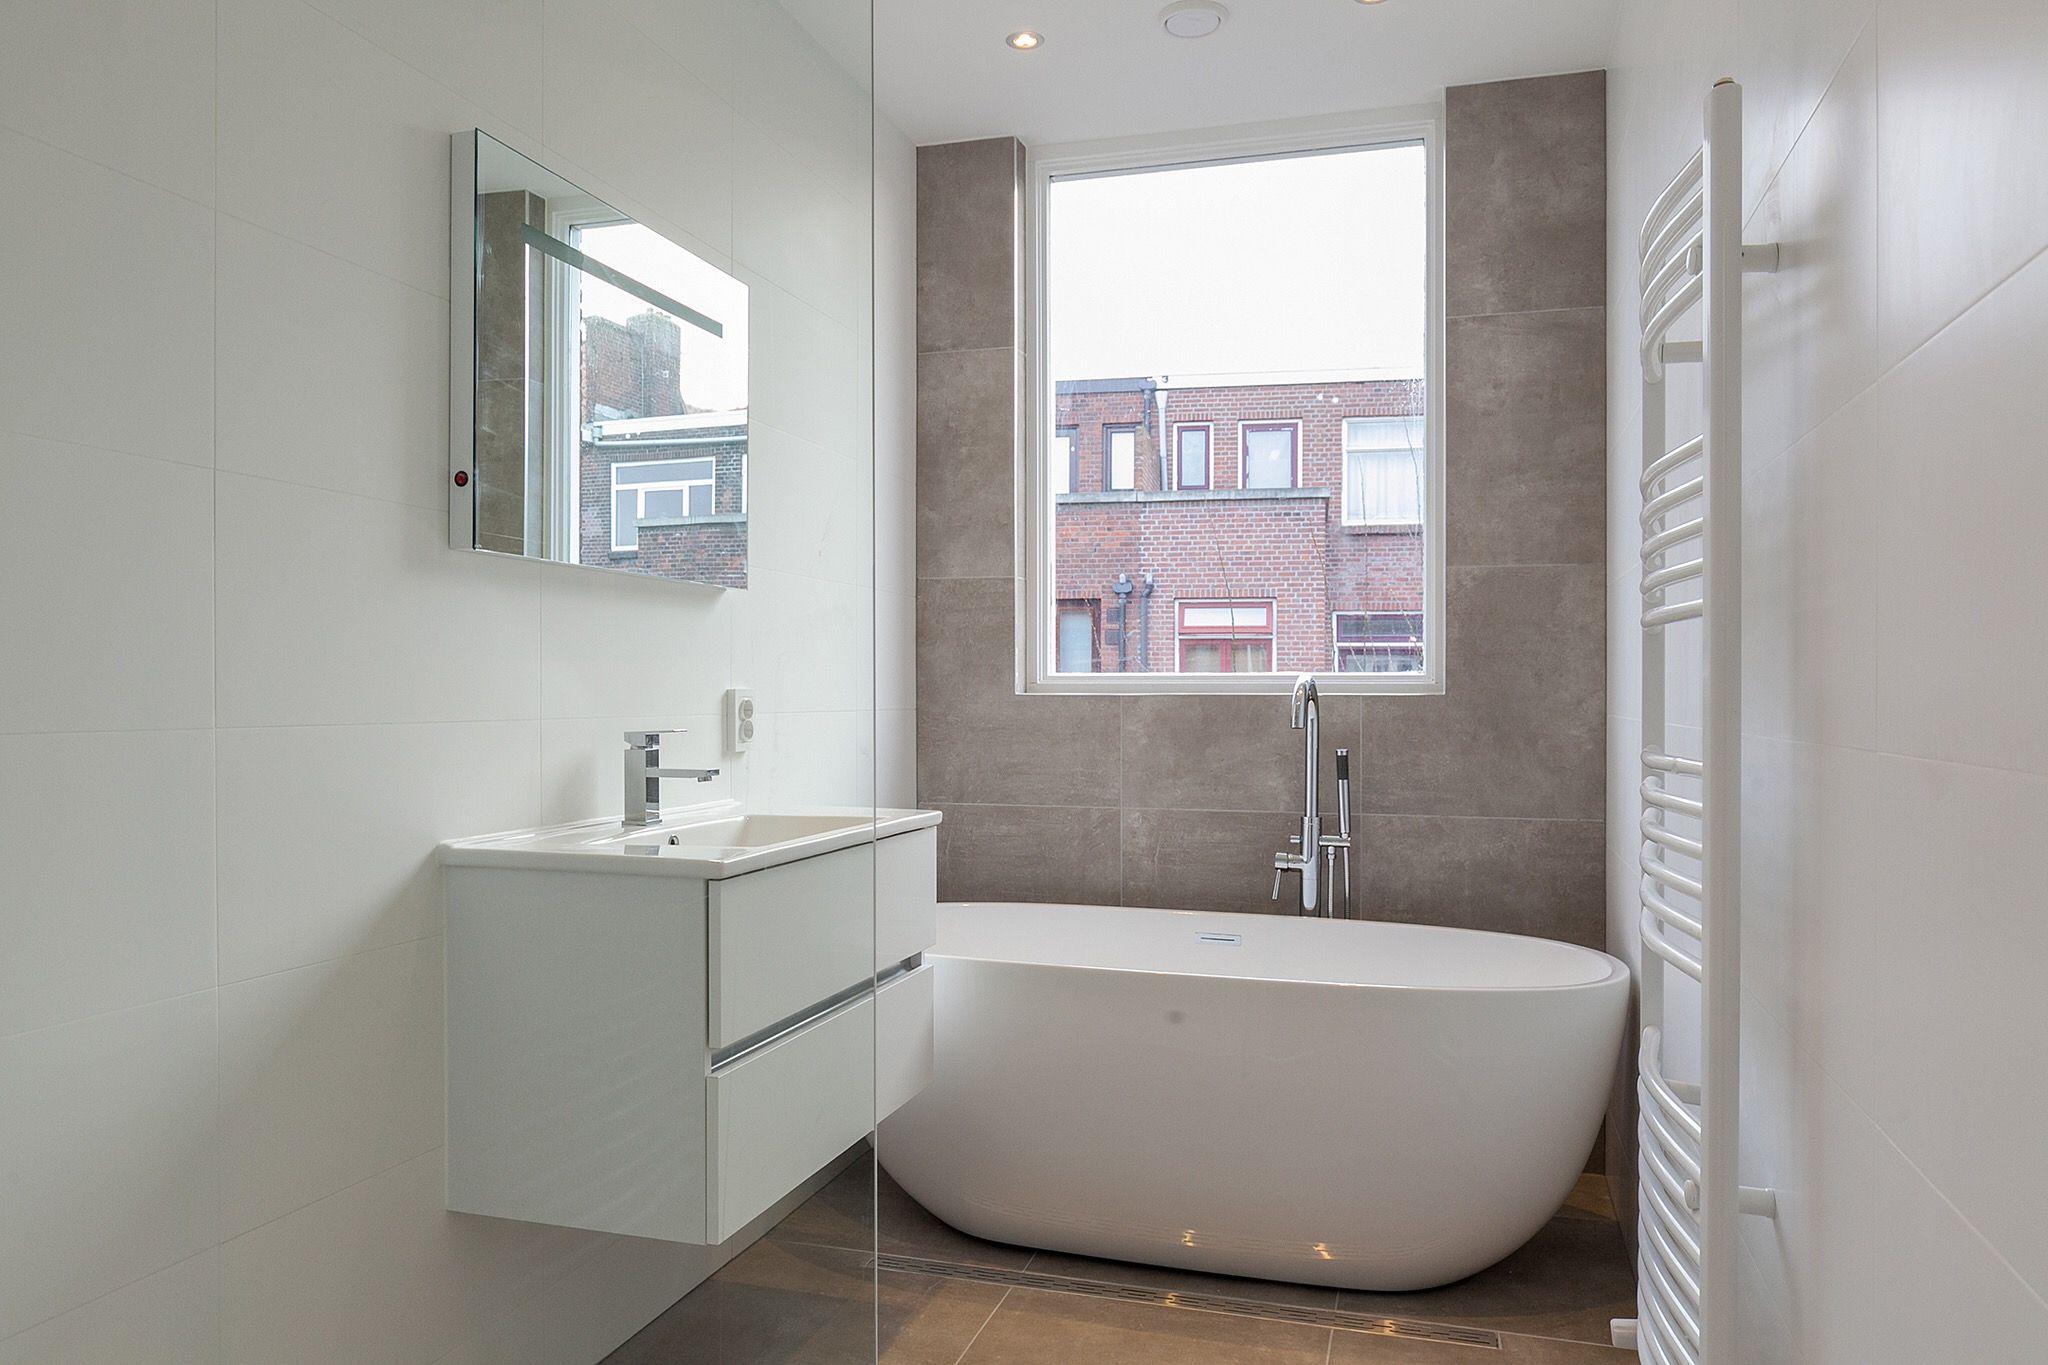 Design Badkamer Rotterdam : Van den berg opschoor makelaardij rotterdam moderne badkamer